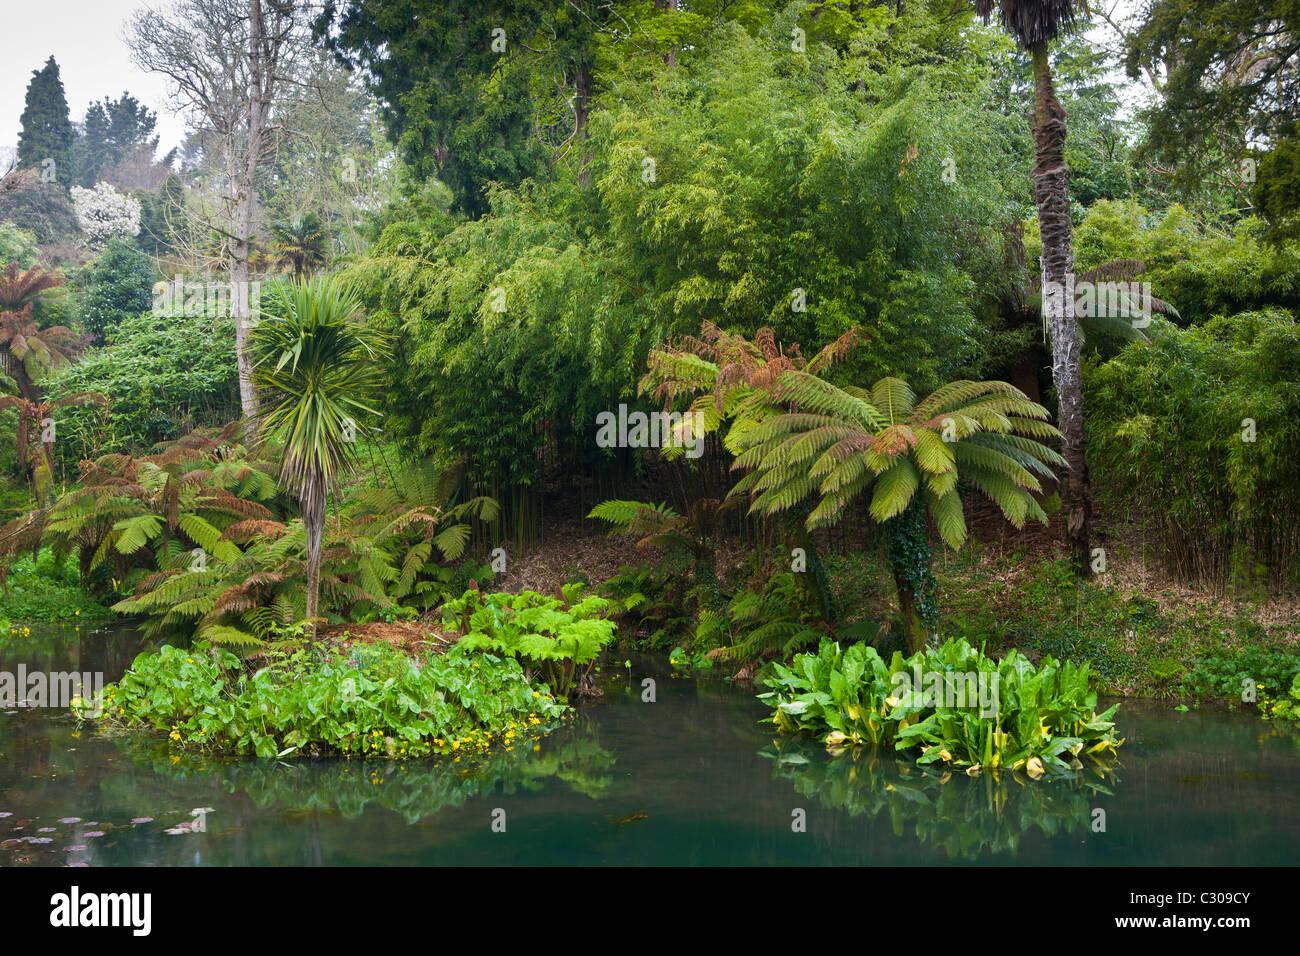 Der tropische Garten mit exotischen Pflanzen an die verlorenen Gärten von Heligan touristische Attraktion, Stockbild